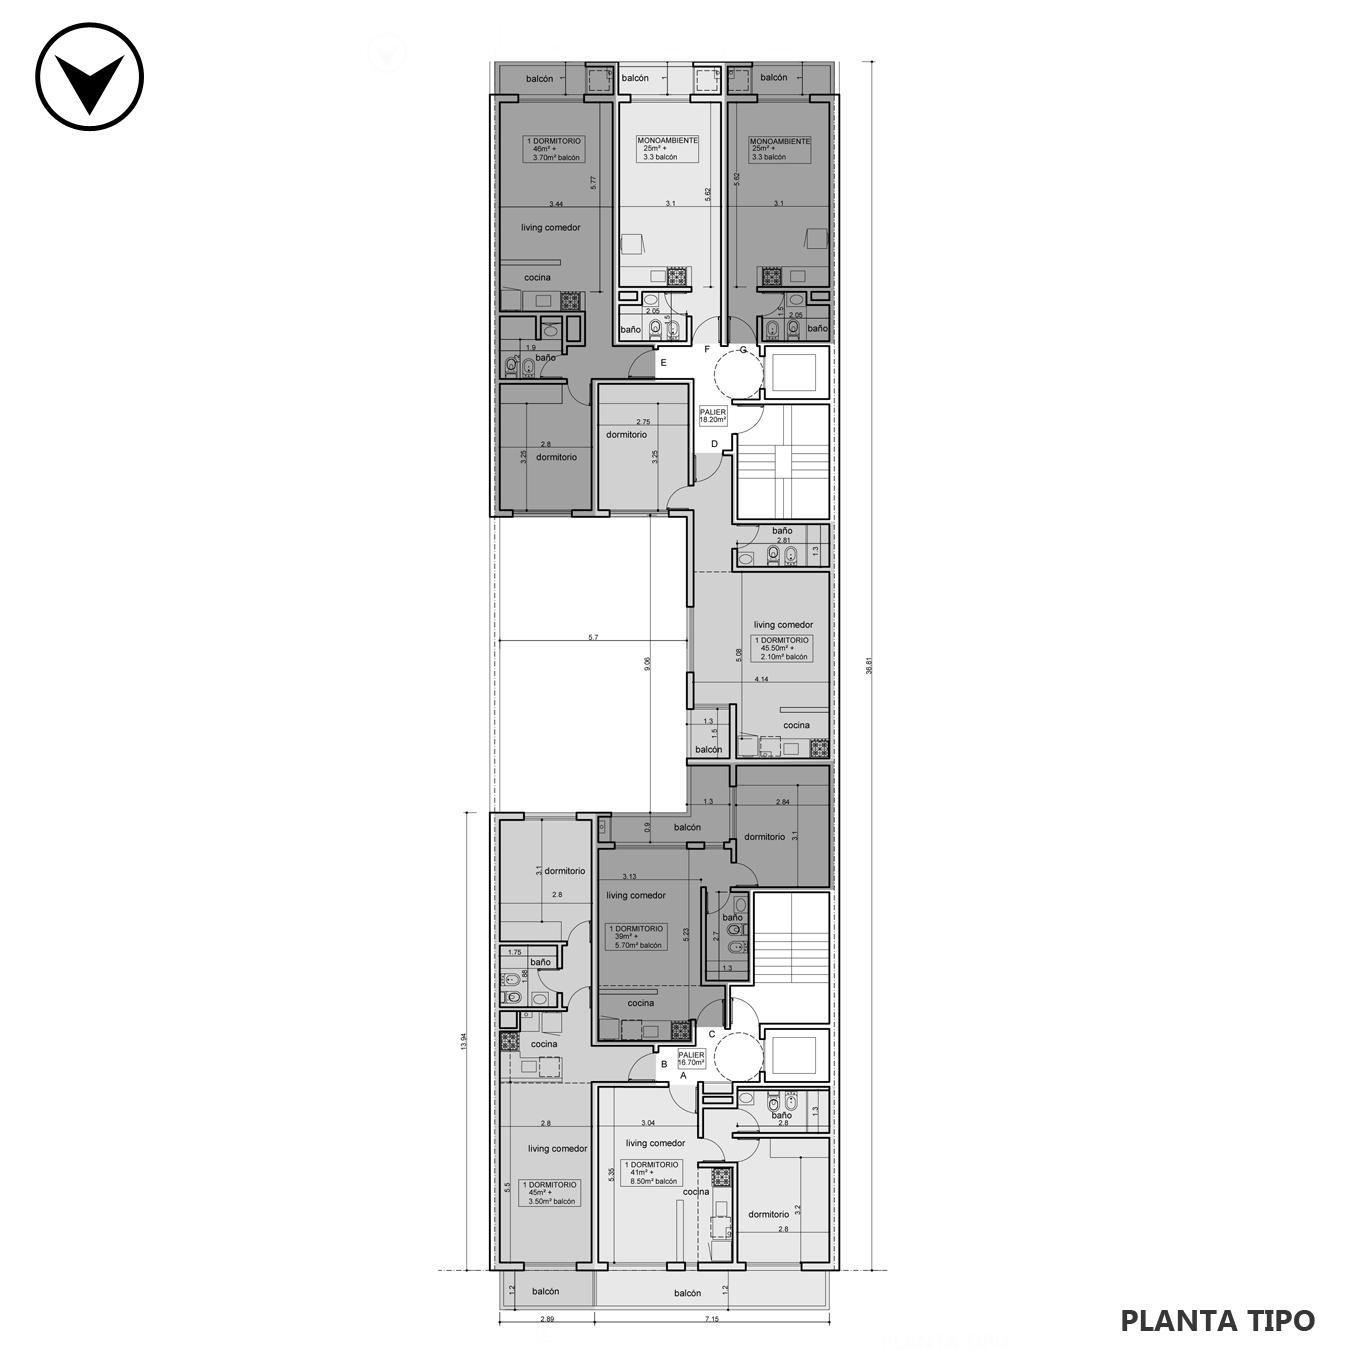 Venta departamento 1 dormitorio Rosario, Centro. Cod CBU24743 AP2302064. Crestale Propiedades